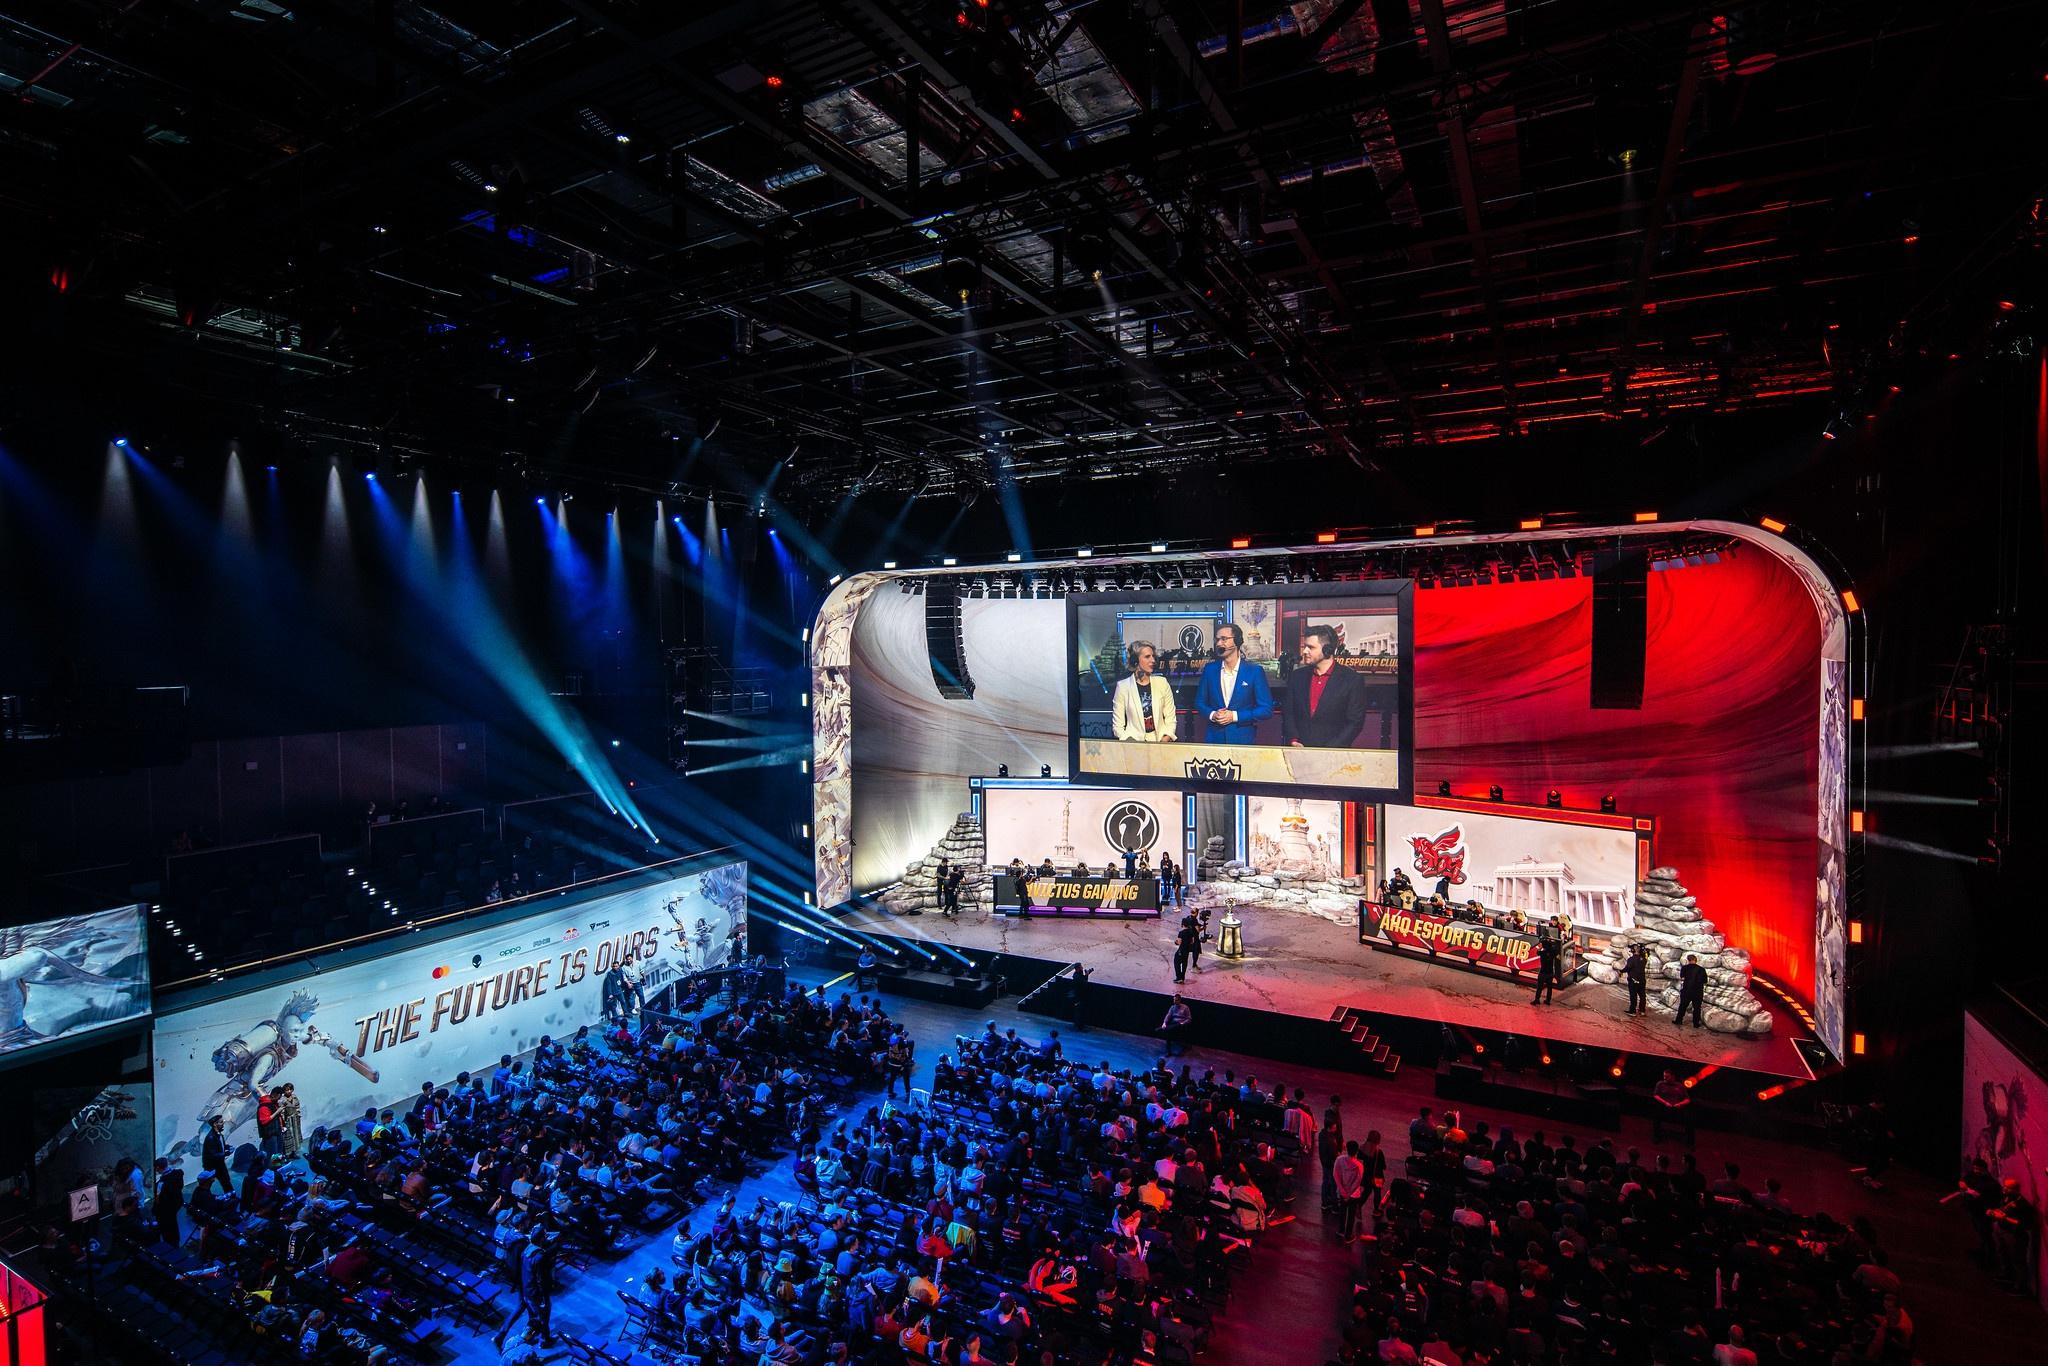 Những fan nữ gây chú ý ở chung kết thế giới Liên Minh Huyền Thoại